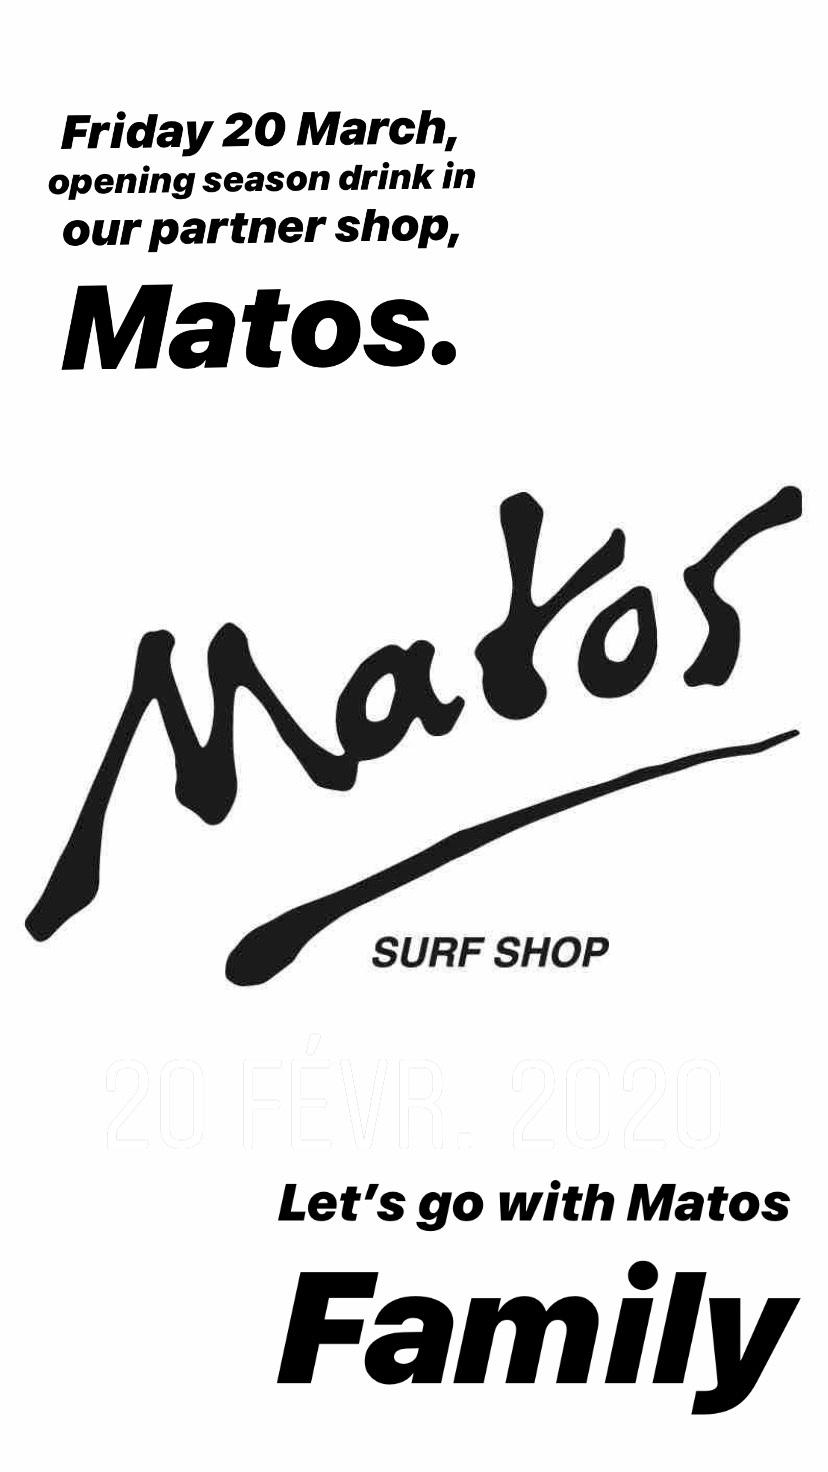 Matos shop – season Opening